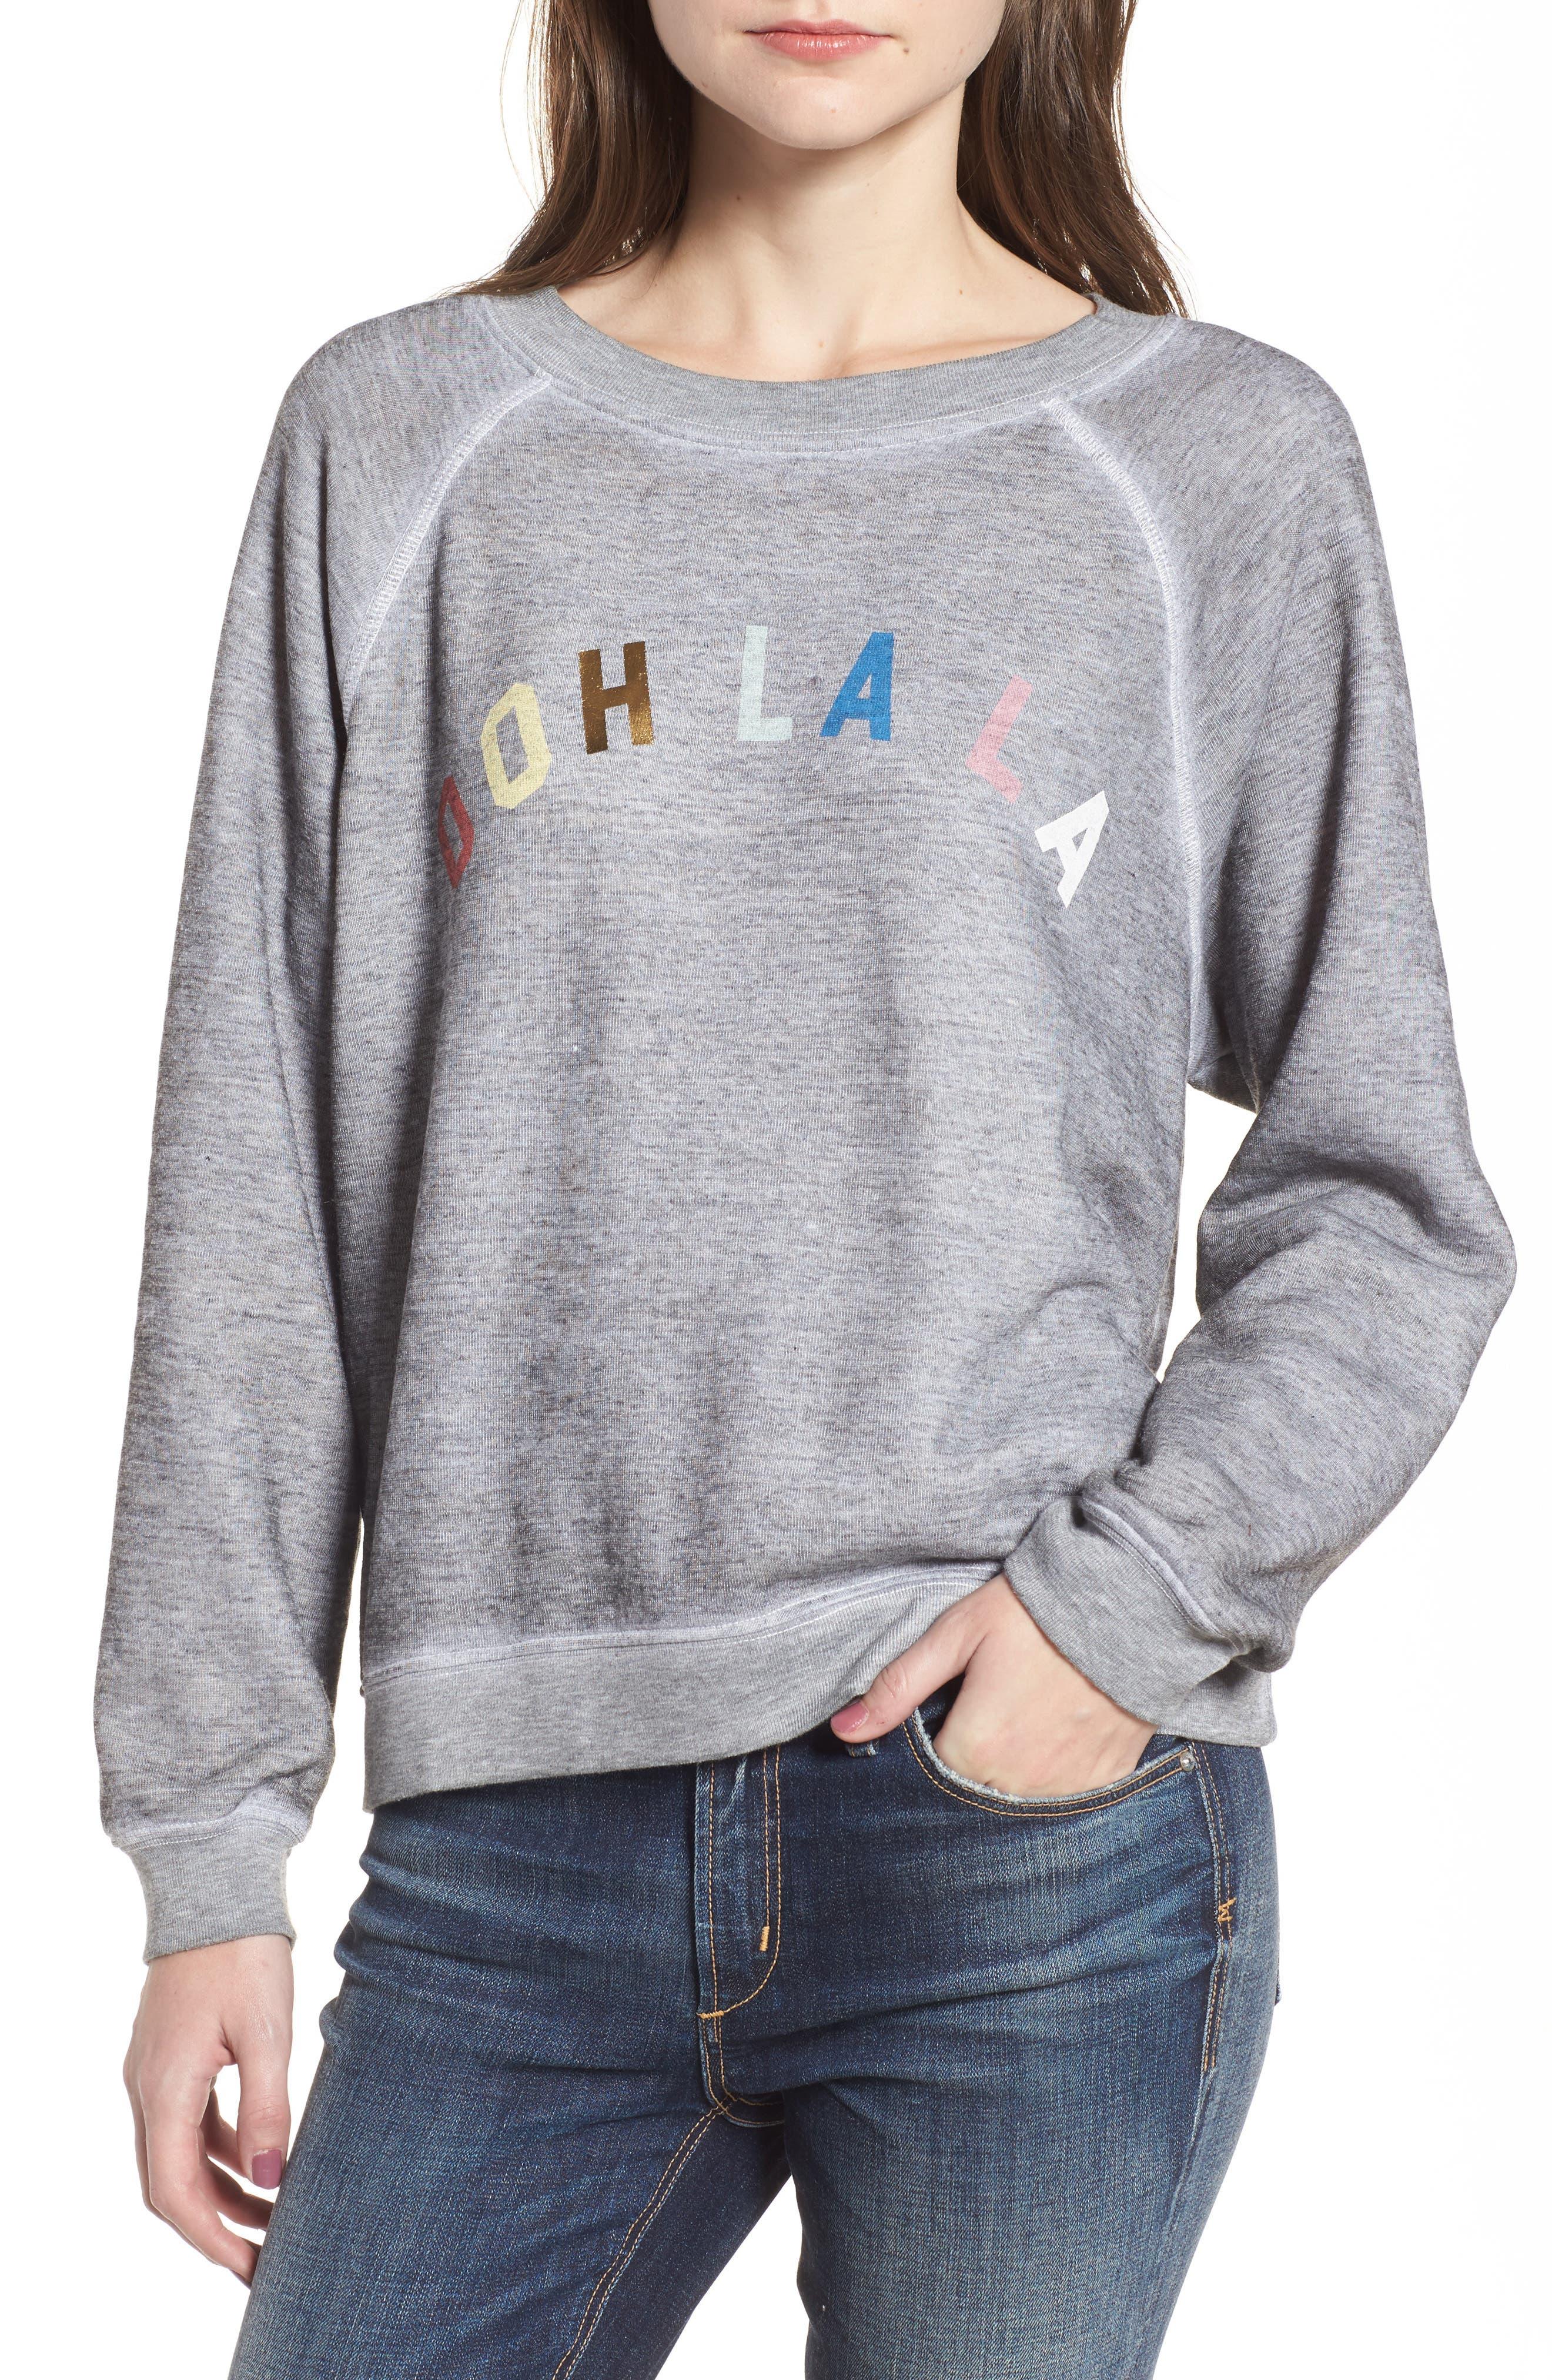 Ooh La La Sweatshirt,                         Main,                         color, Heather